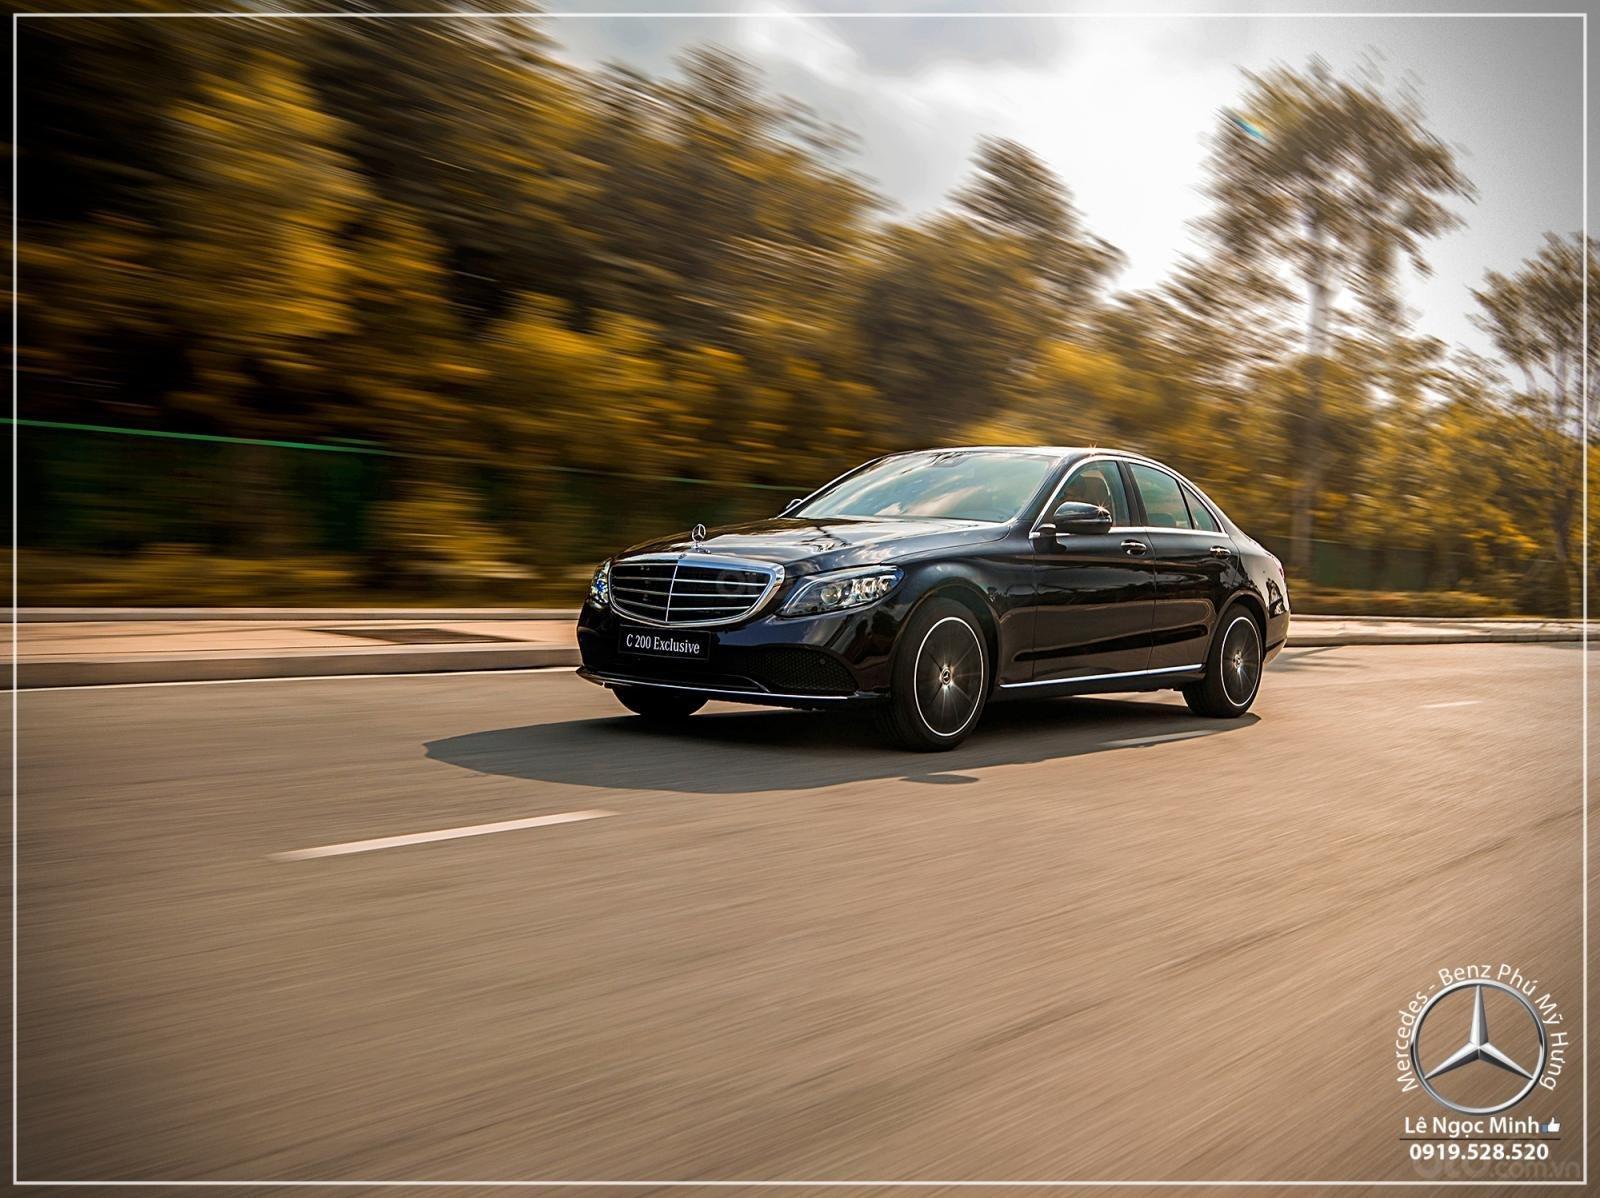 Mercedes-Benz C200 Exclusive - Hỗ trợ 100% phí trước bạ - Ưu đãi khủng trong tháng. LH: 0919 528 520-12